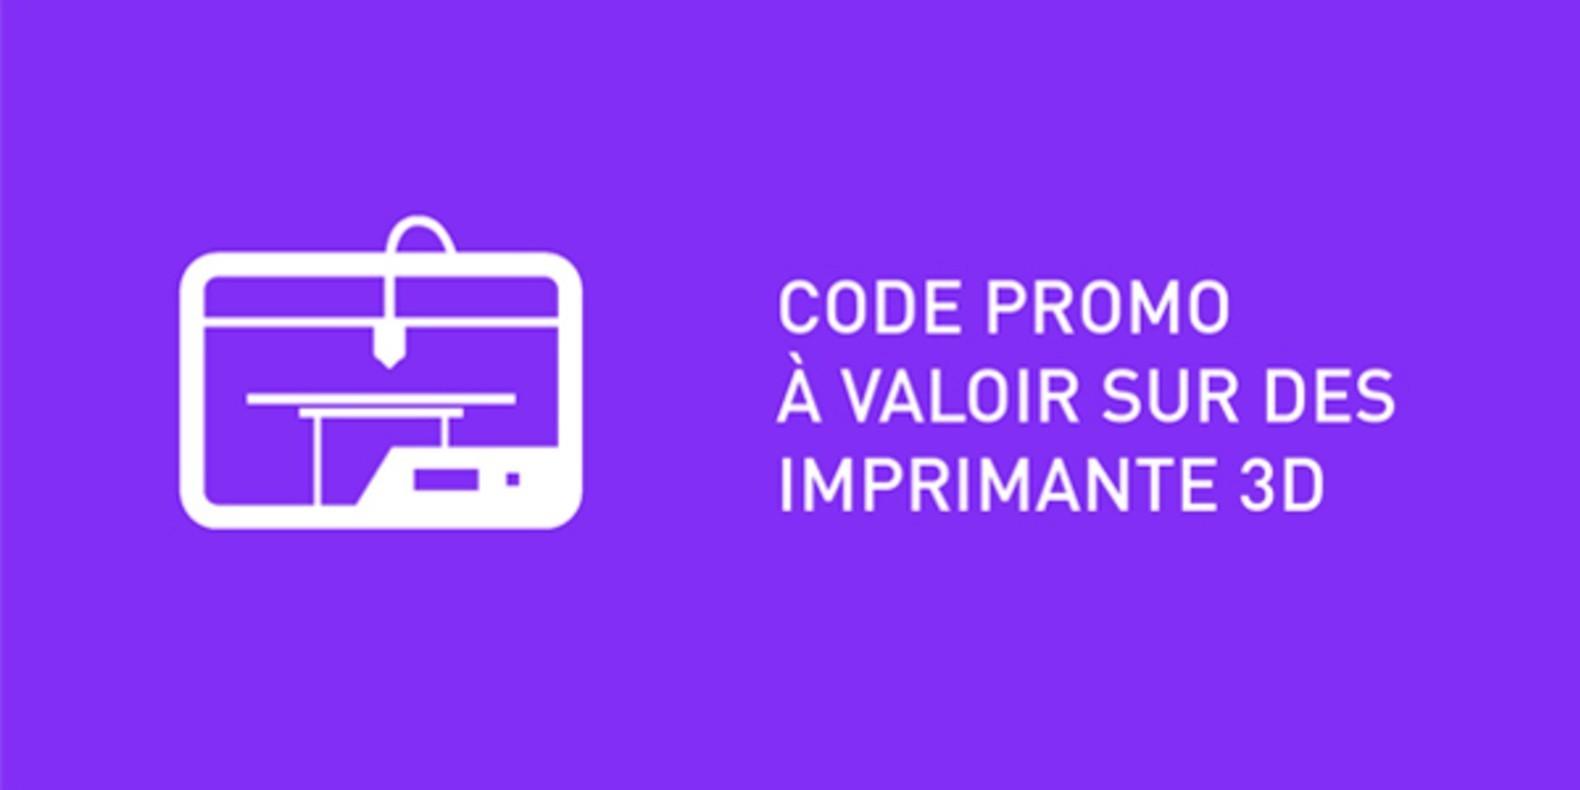 http://fichier3d.fr/wp-content/uploads/2016/02/code-promotionnels-voucher-code-cults-3D-printer-imprimante-3D.jpg